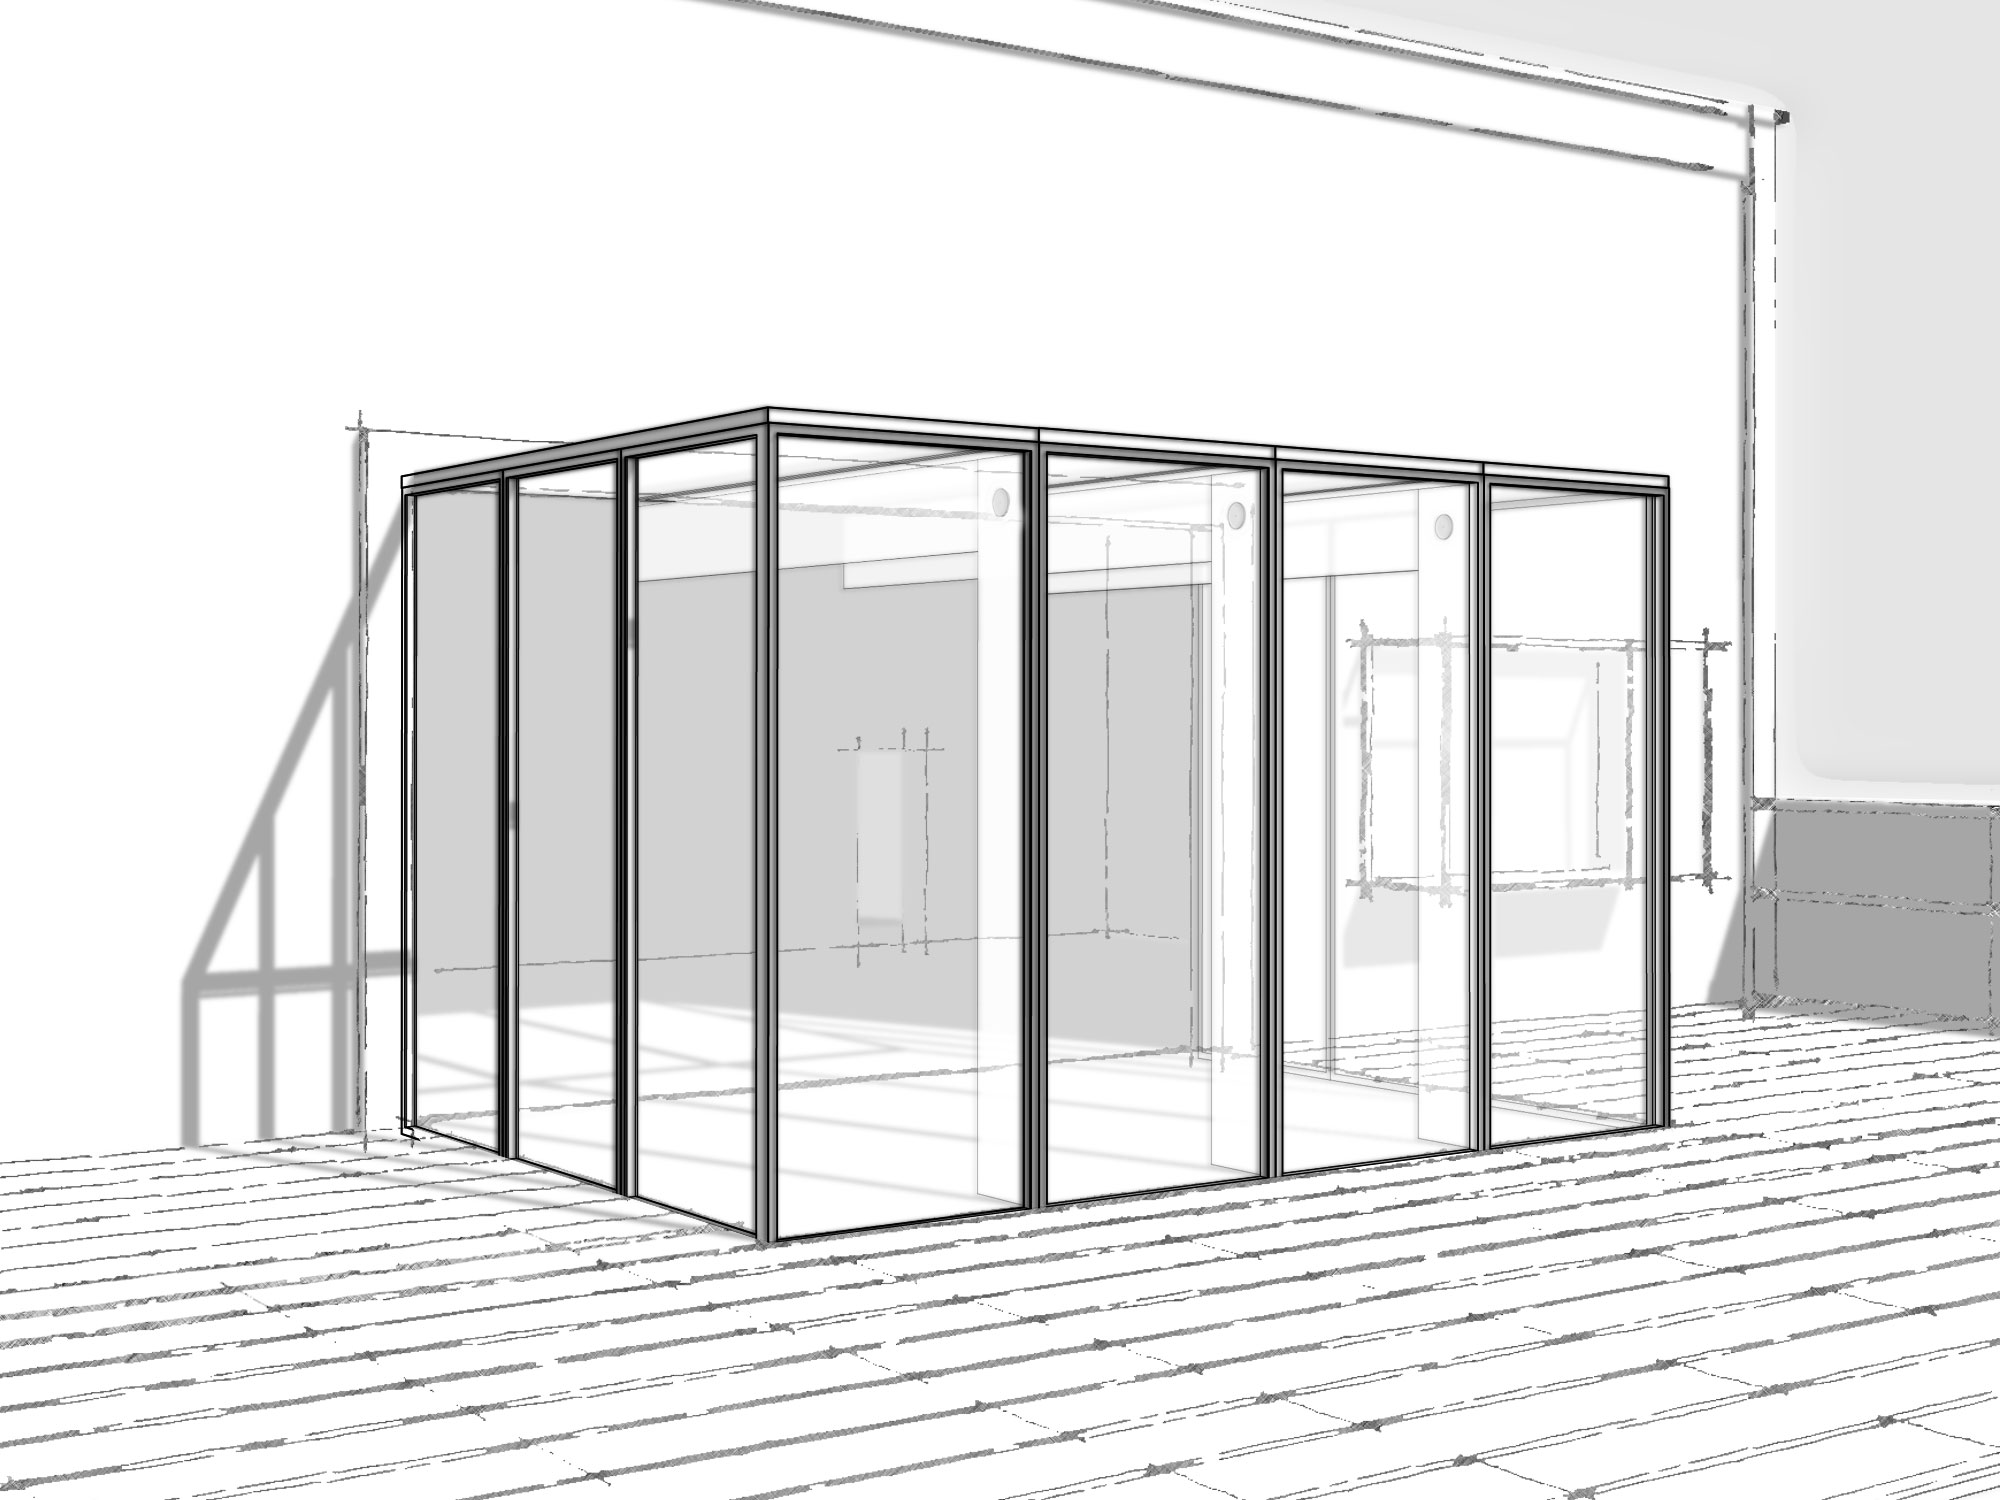 11.-All-Glass-Final.jpg